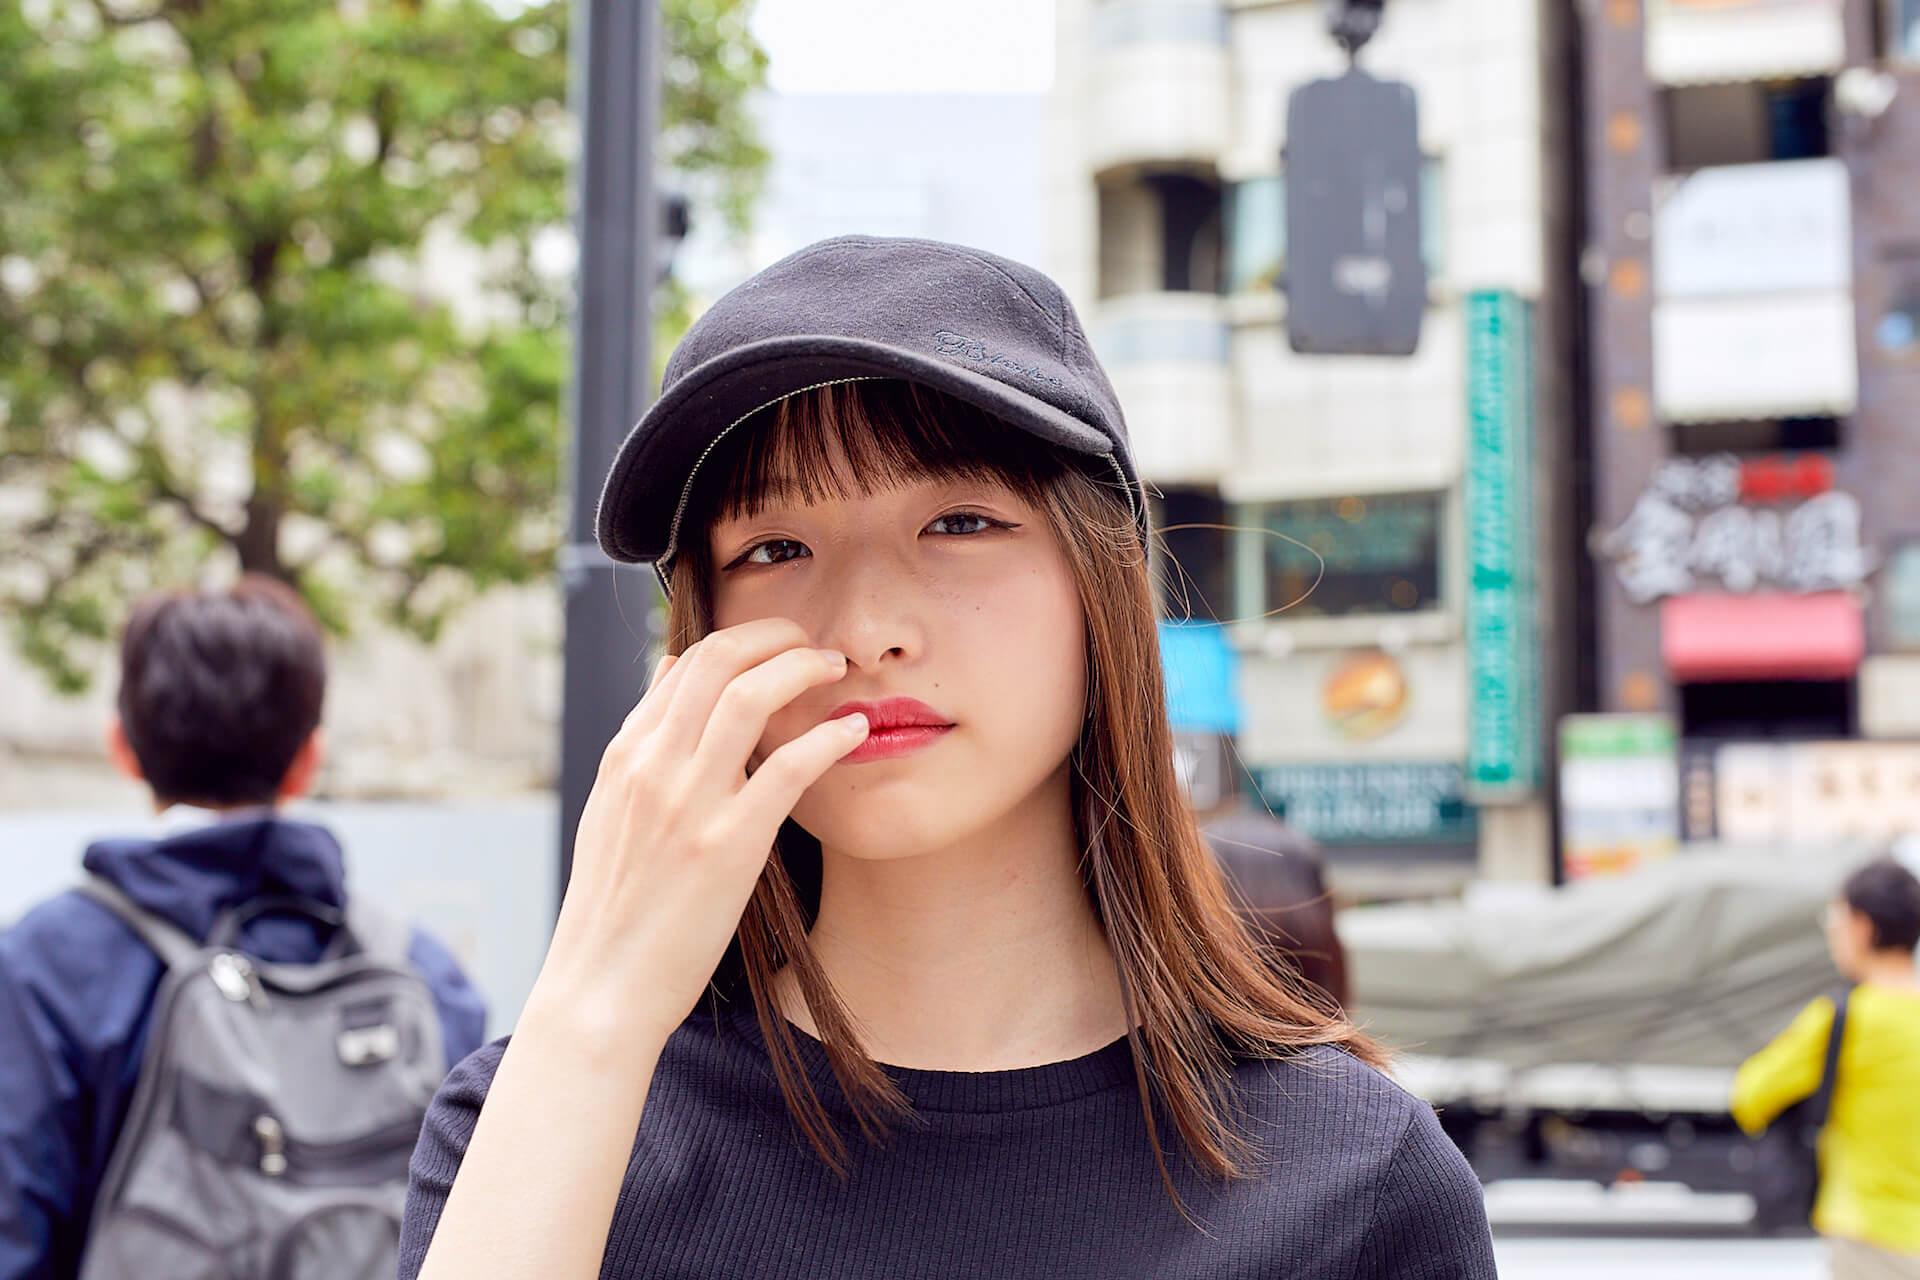 内田珠鈴はなぜ、自分をさらけ出そうと思ったのか? 初EP『光の中を泳ぐ』について語る interview190517-uchida-shuri-1